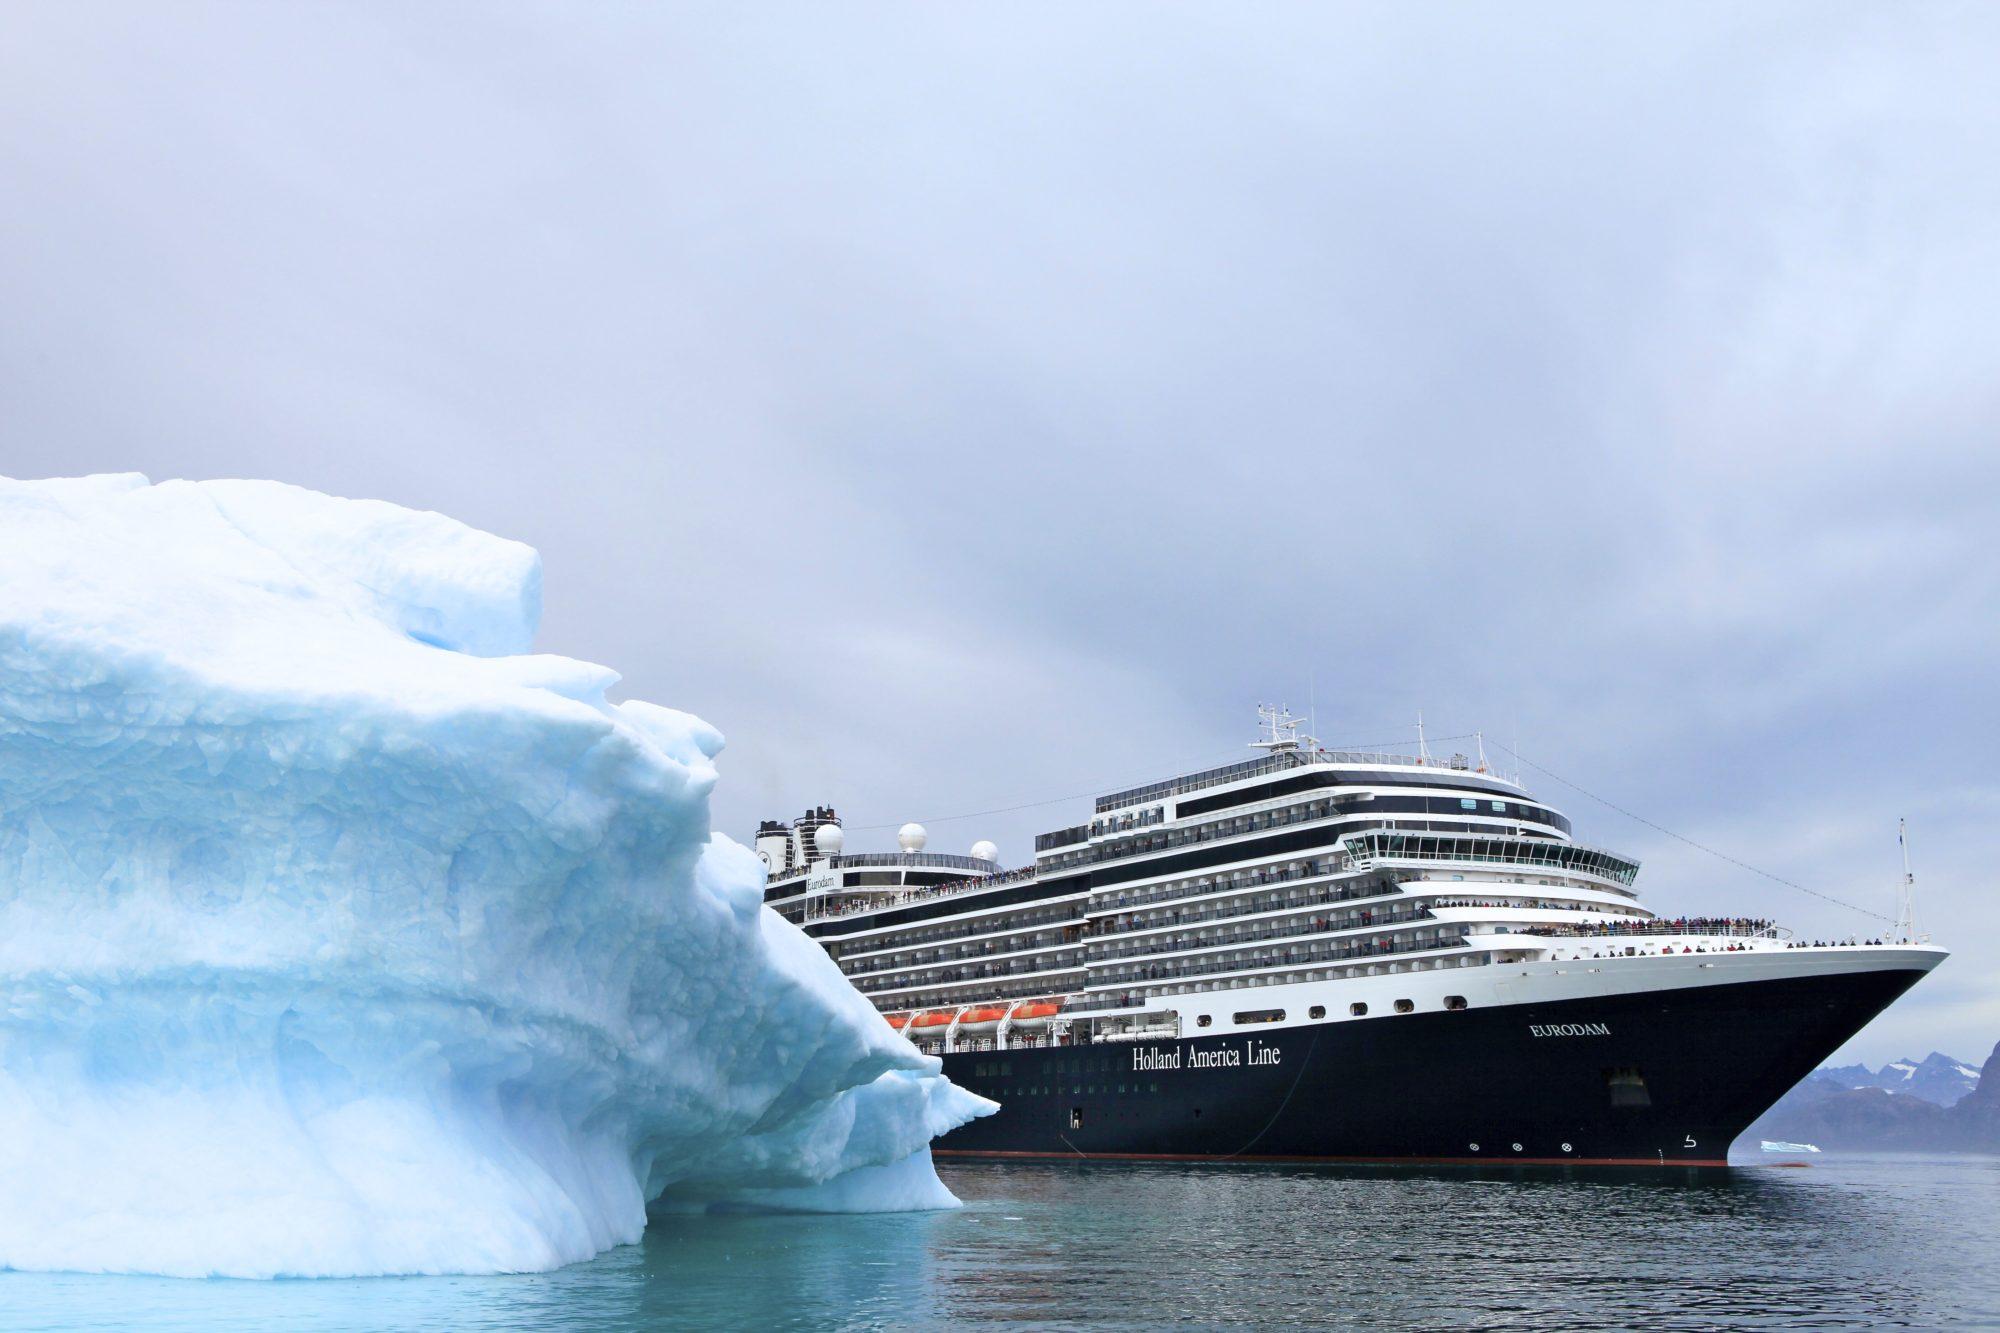 Im Sommer 2021 läuft Holland America Line auf 13 seiner Nordamerika-Routen auf 7- bis 17-tägigen Fahrten von April bis Oktober Grönland als neues Ziel an.